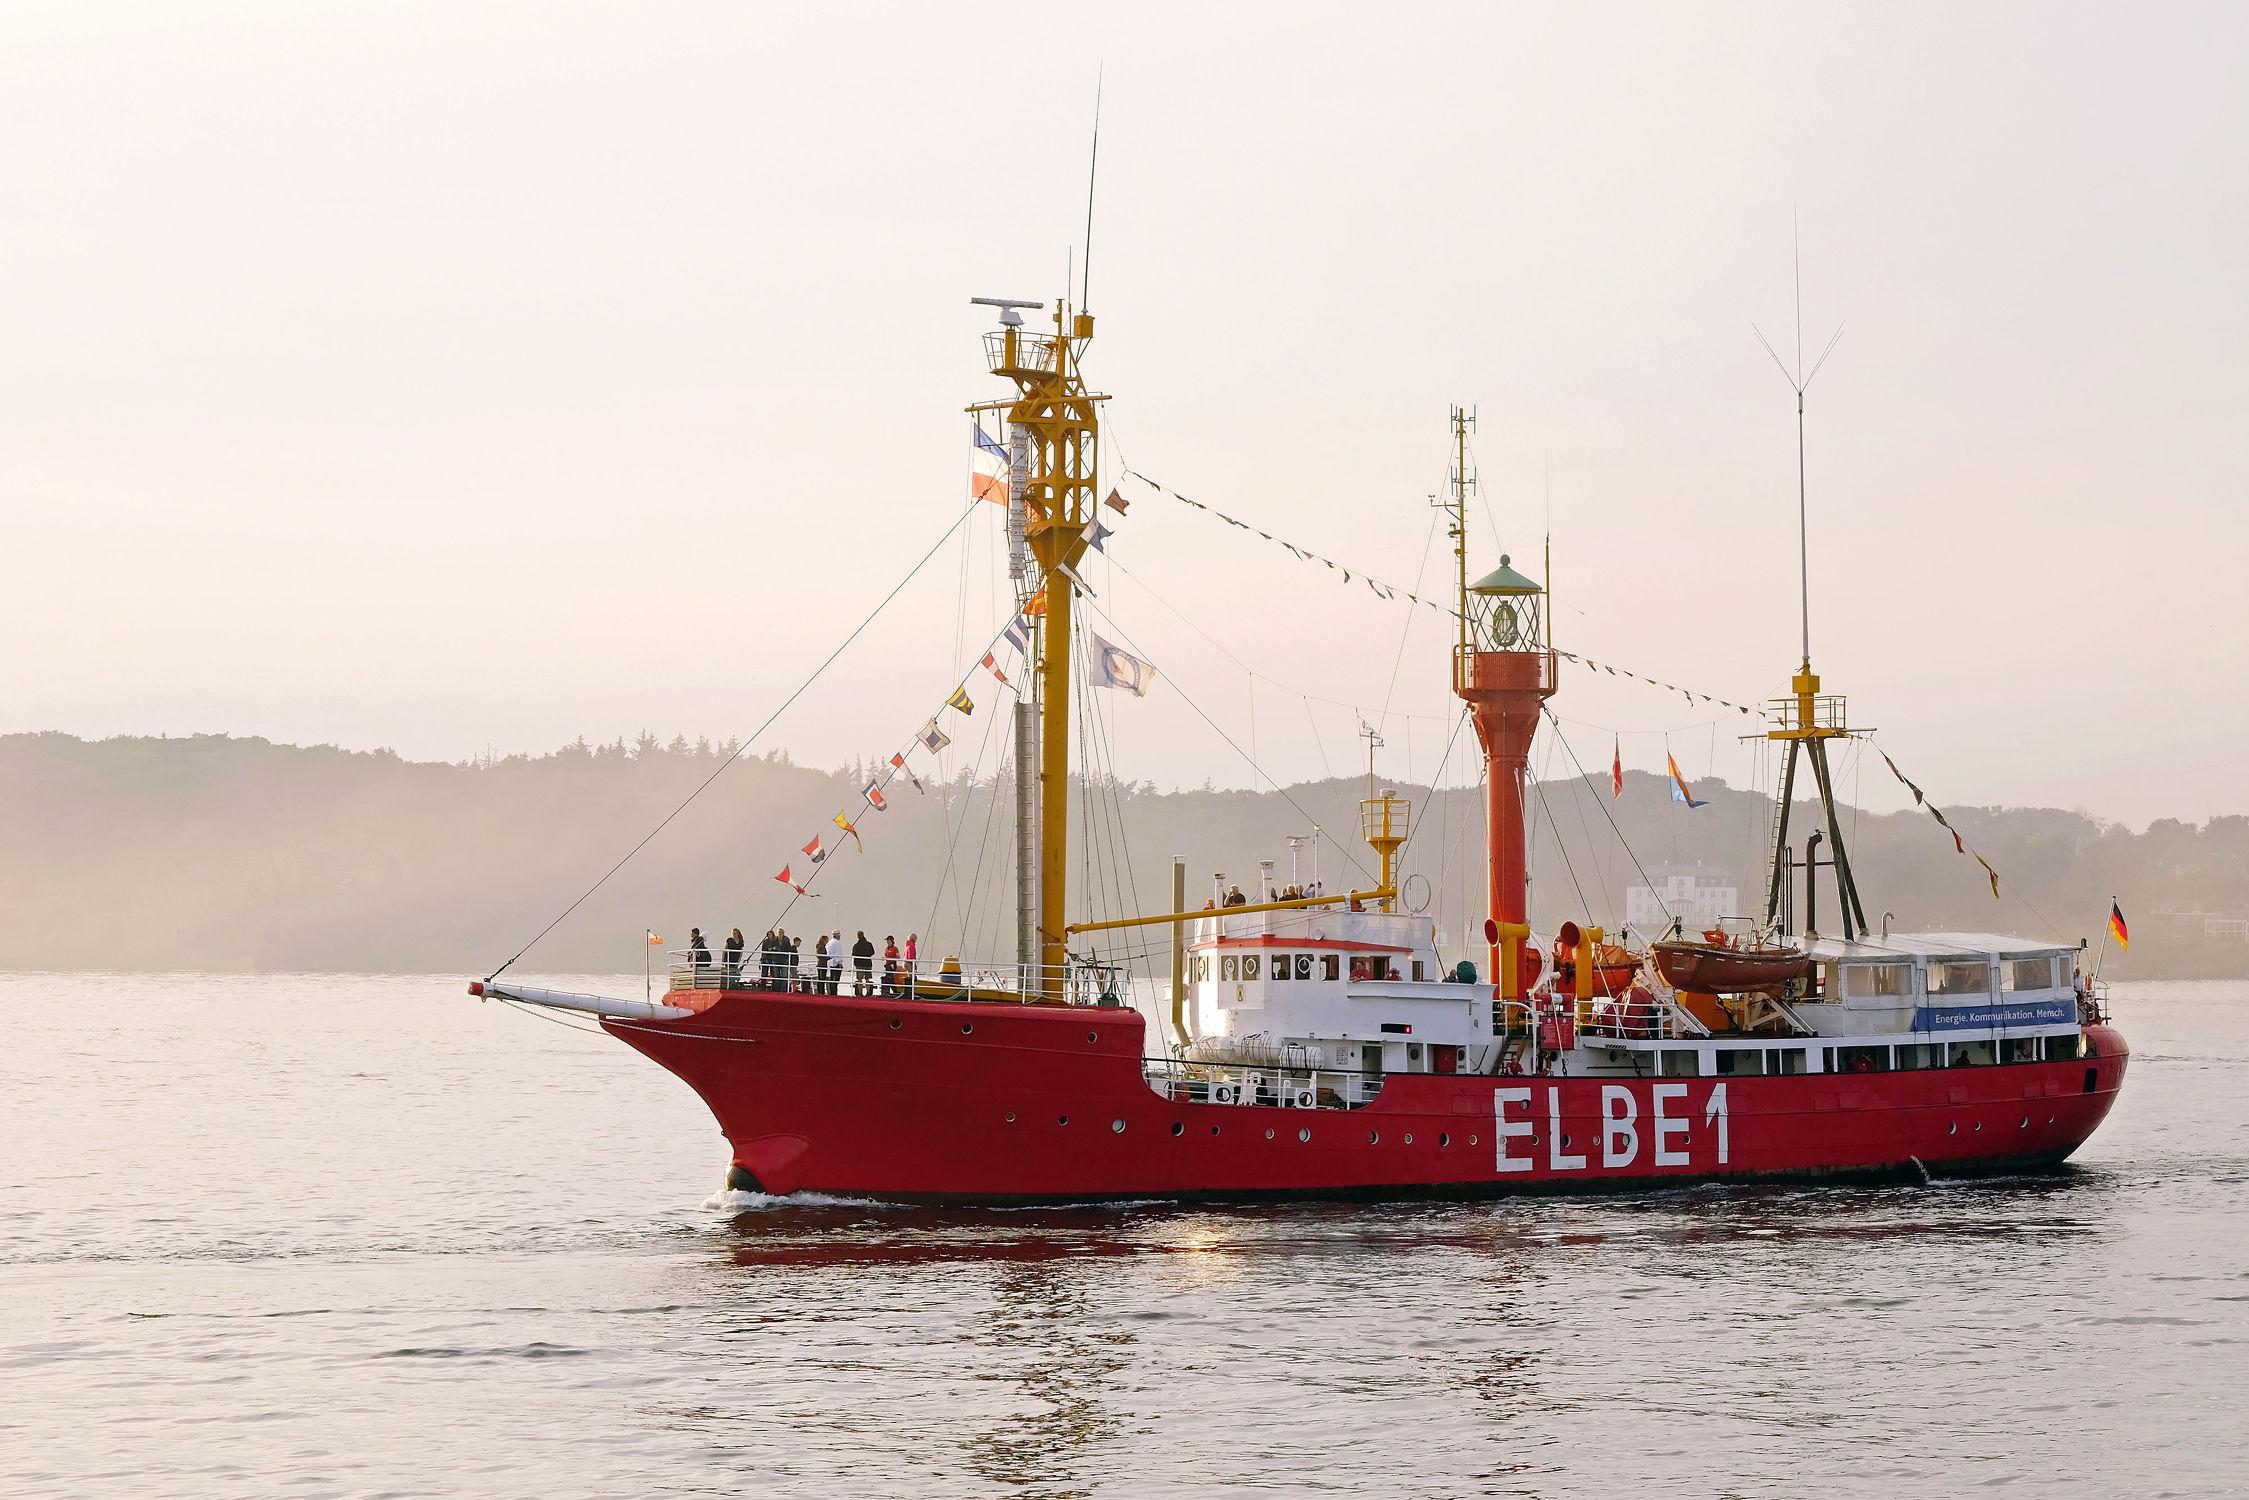 Bild mit Sonnenuntergang, 1, Feuerschiff, Elbe, Abendstimmung, Rückkehr, Feuerschiffe